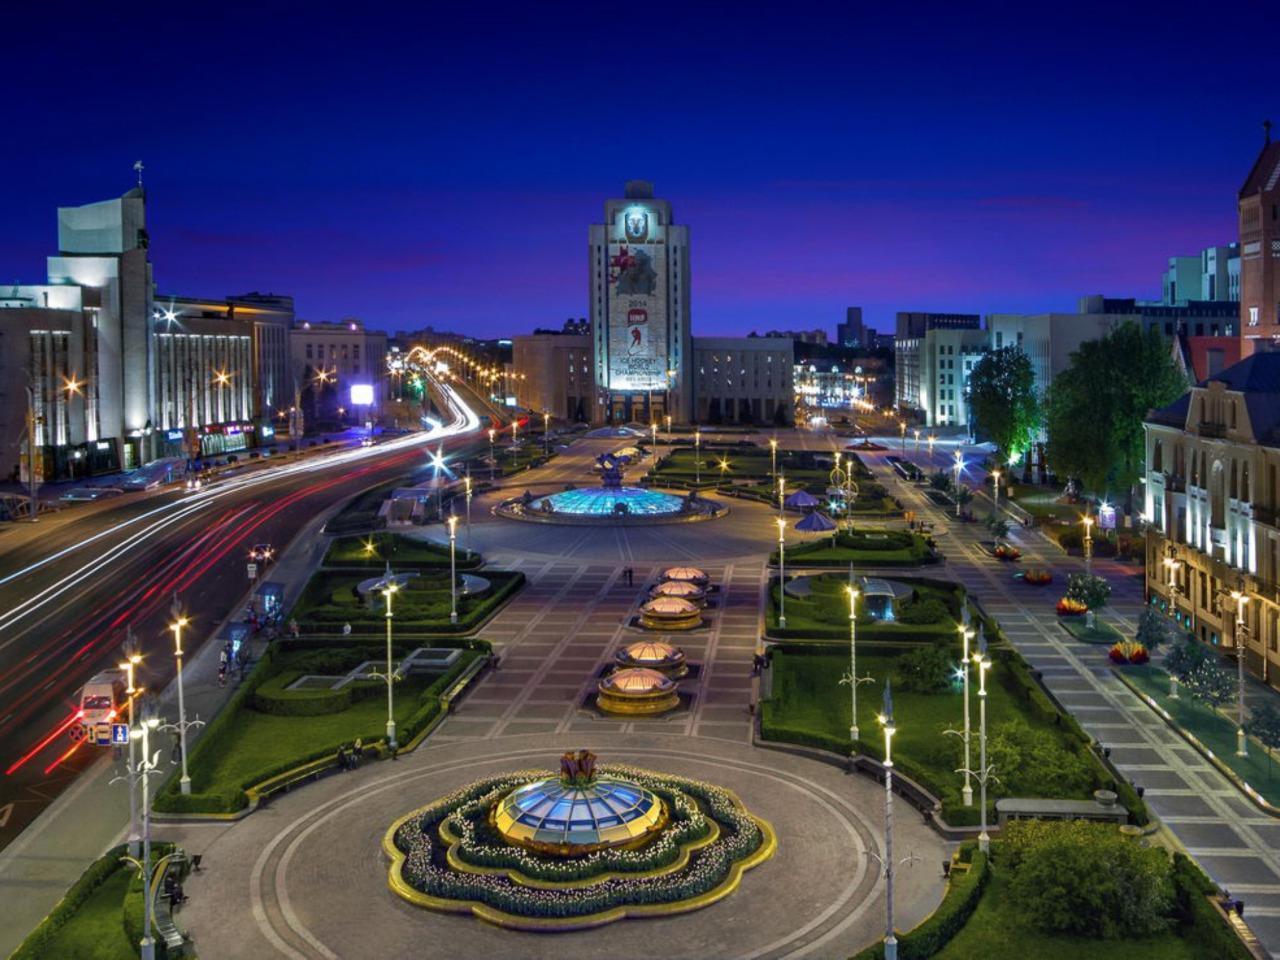 Минск: из глубин веков до современного мегаполиса - индивидуальная экскурсия в Минске от опытного гида